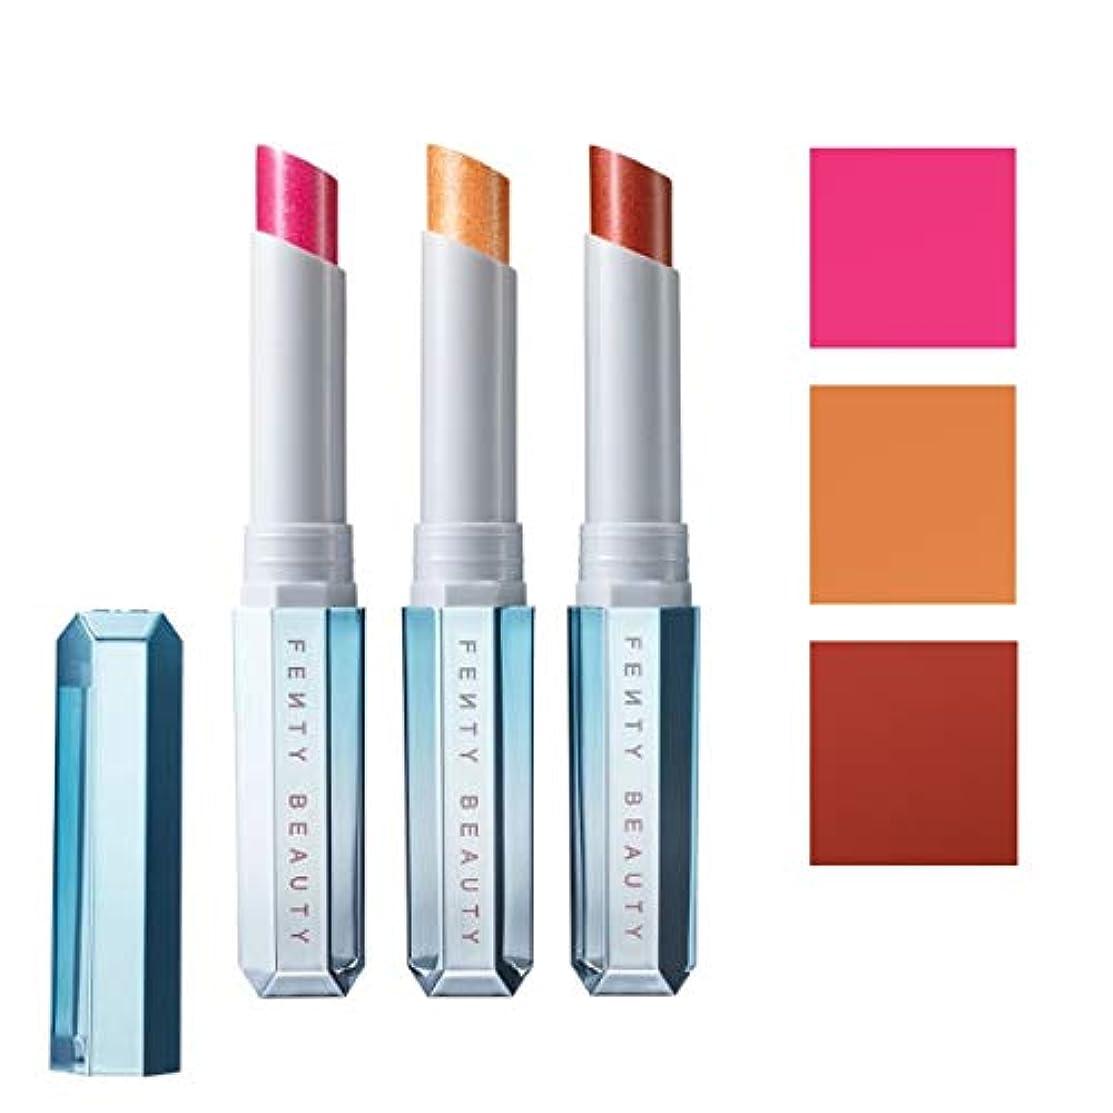 セレナ品本気FENTY BEAUTY BY RIHANNA 限定版 limited-edition, Frosted Metal Lipstick 3pc Set - Snow Daze [海外直送品] [並行輸入品]